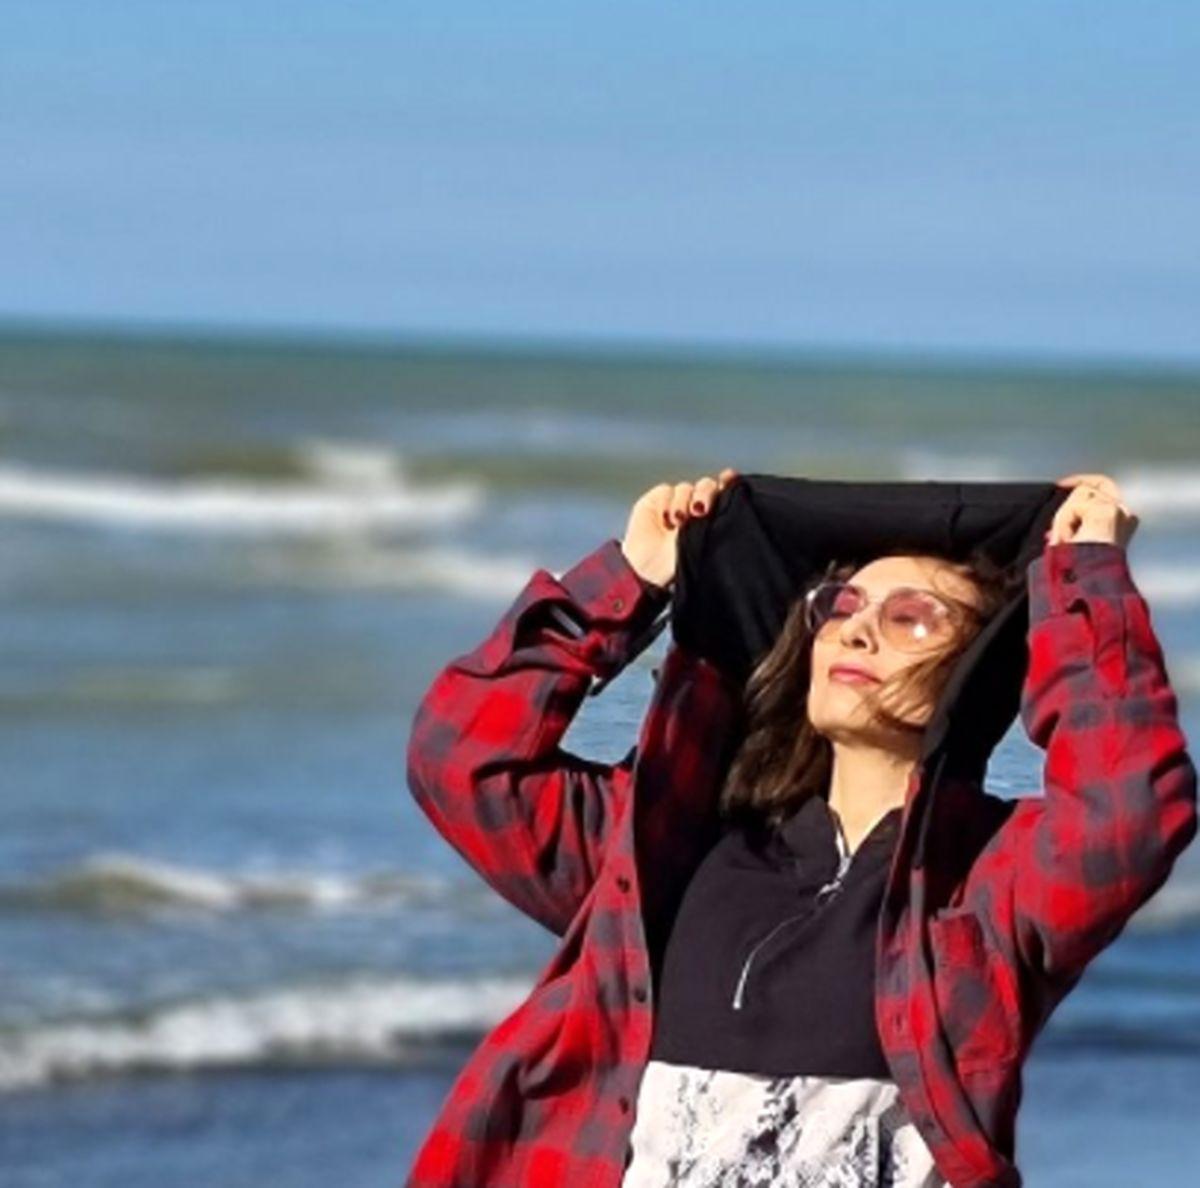 یکتا ناصر کنار دریا بدون حجاب ! + عکس